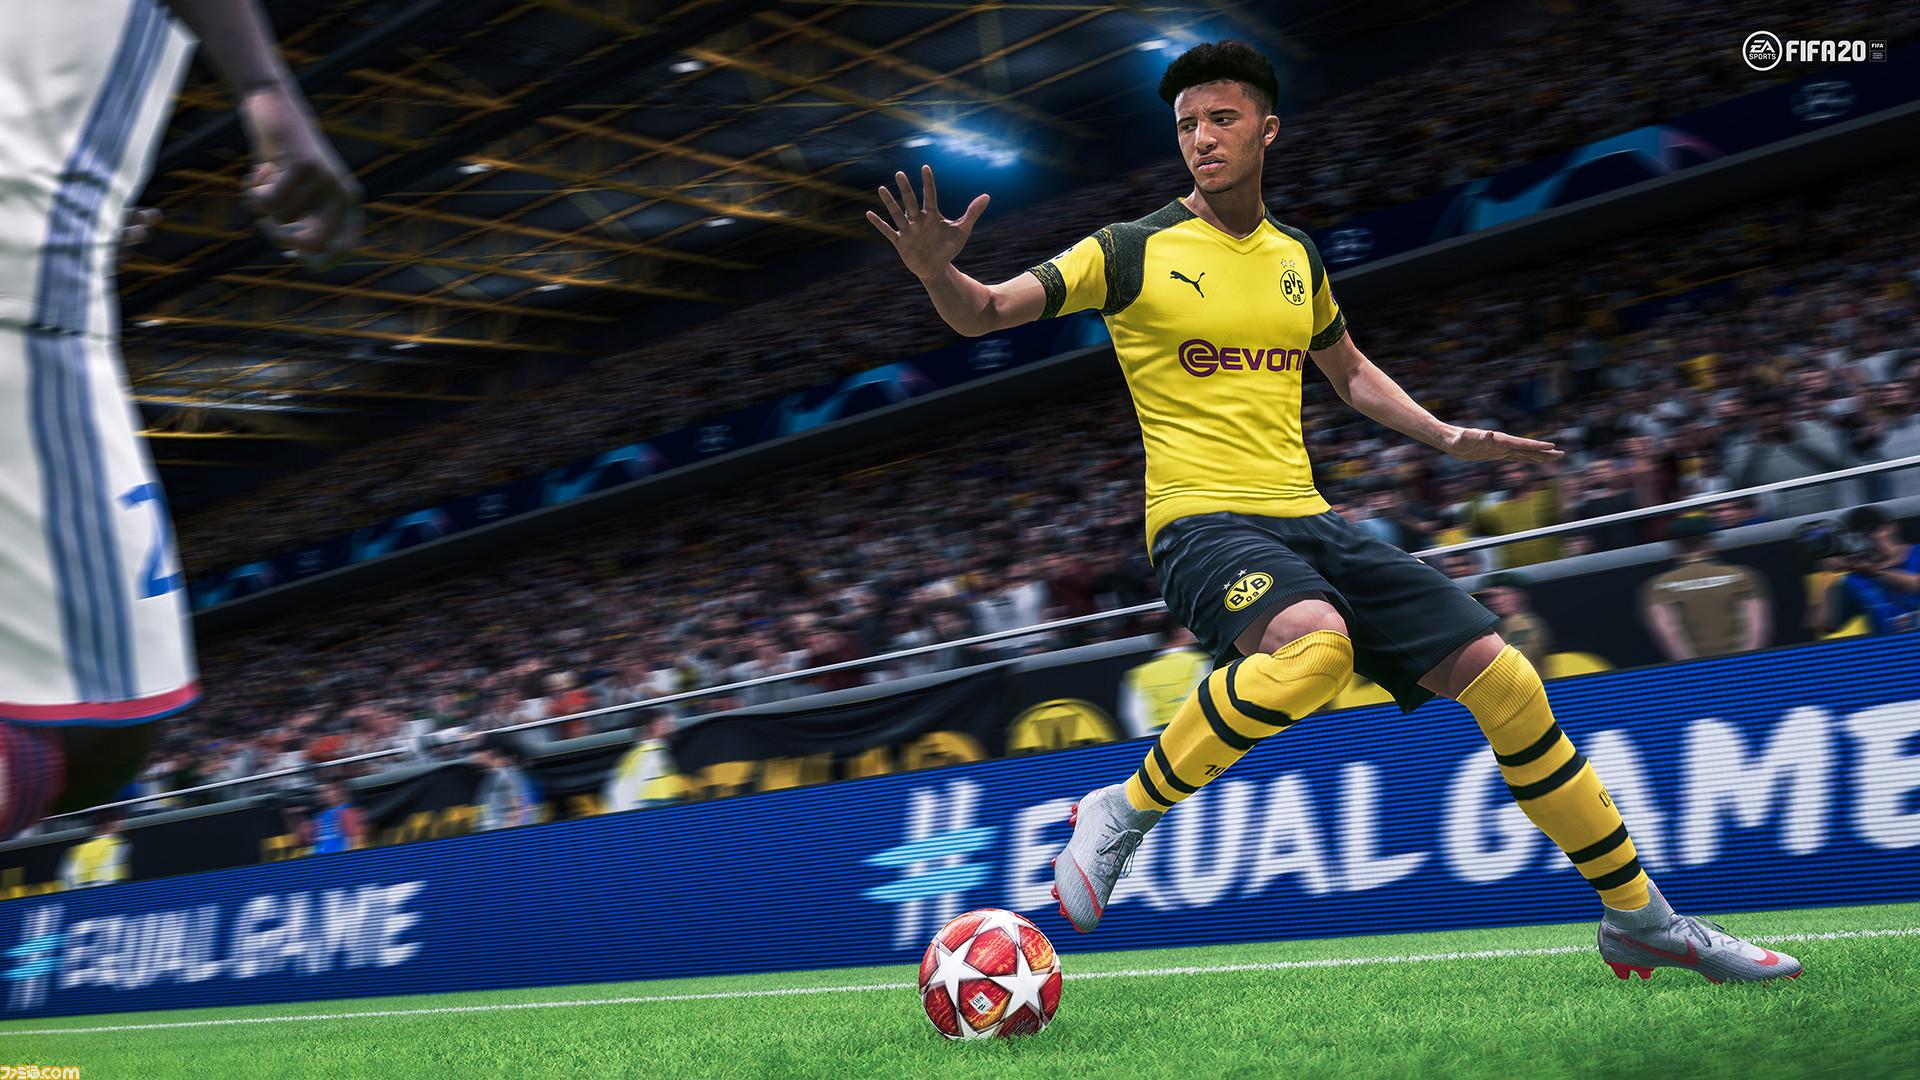 「FIFA 20」全機種でメタスコア過去最低点を記録、ユーザースコアは1以下の異常事態に